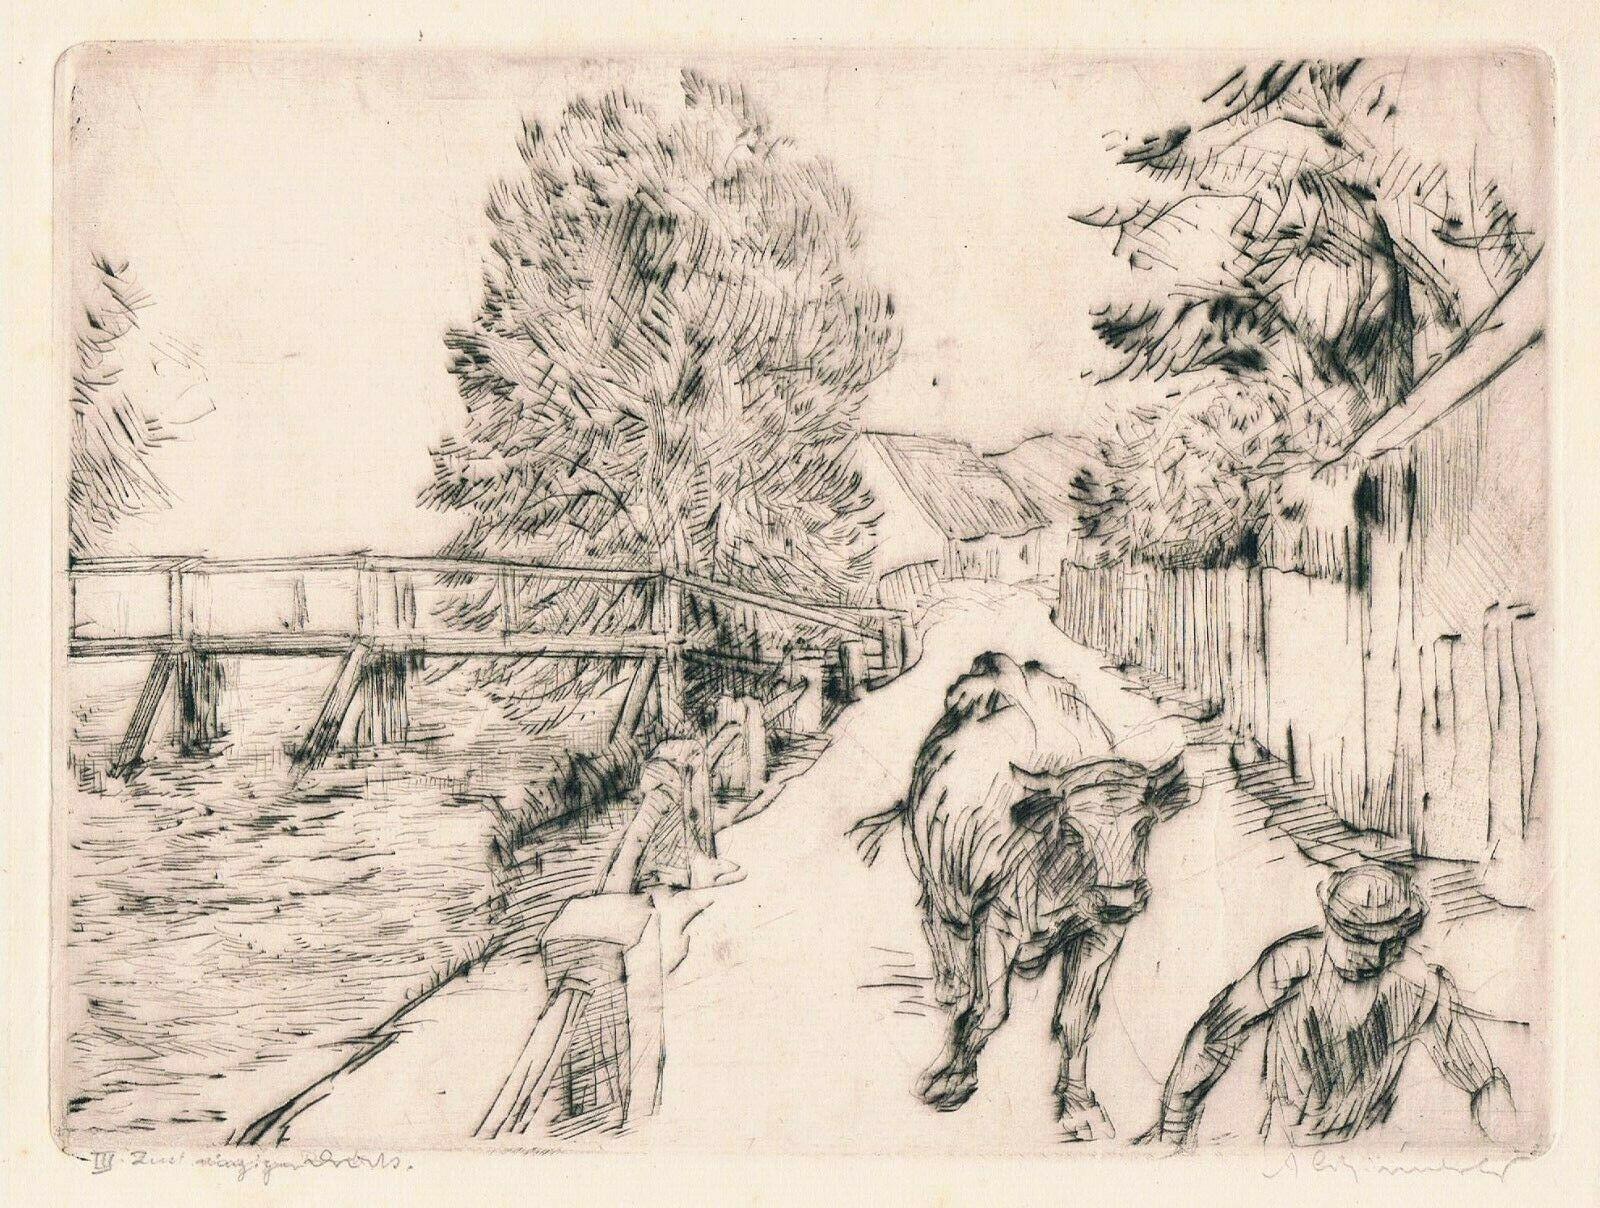 Strasse In Ottershausen by Adolf Schinnerer